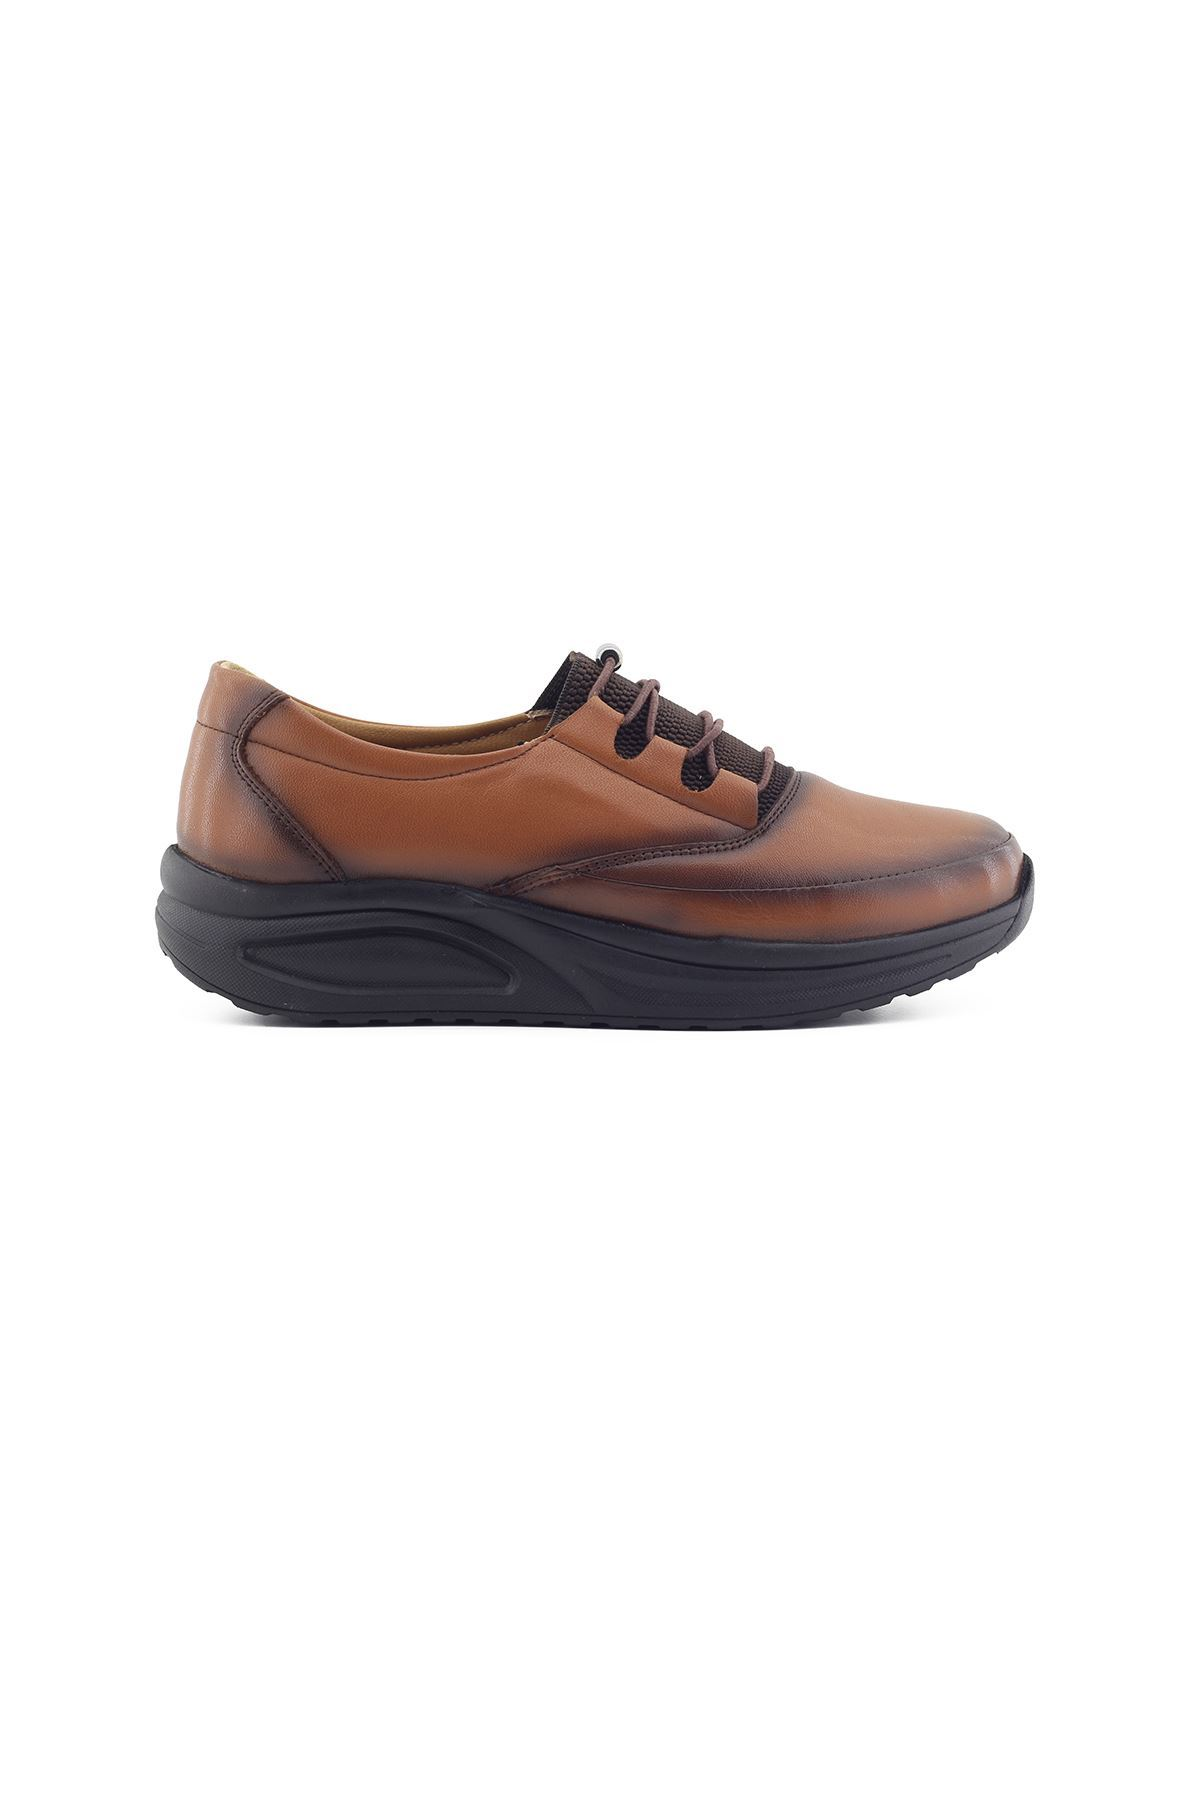 855 Taba Kadın Yürüyüş Ayakkabısı